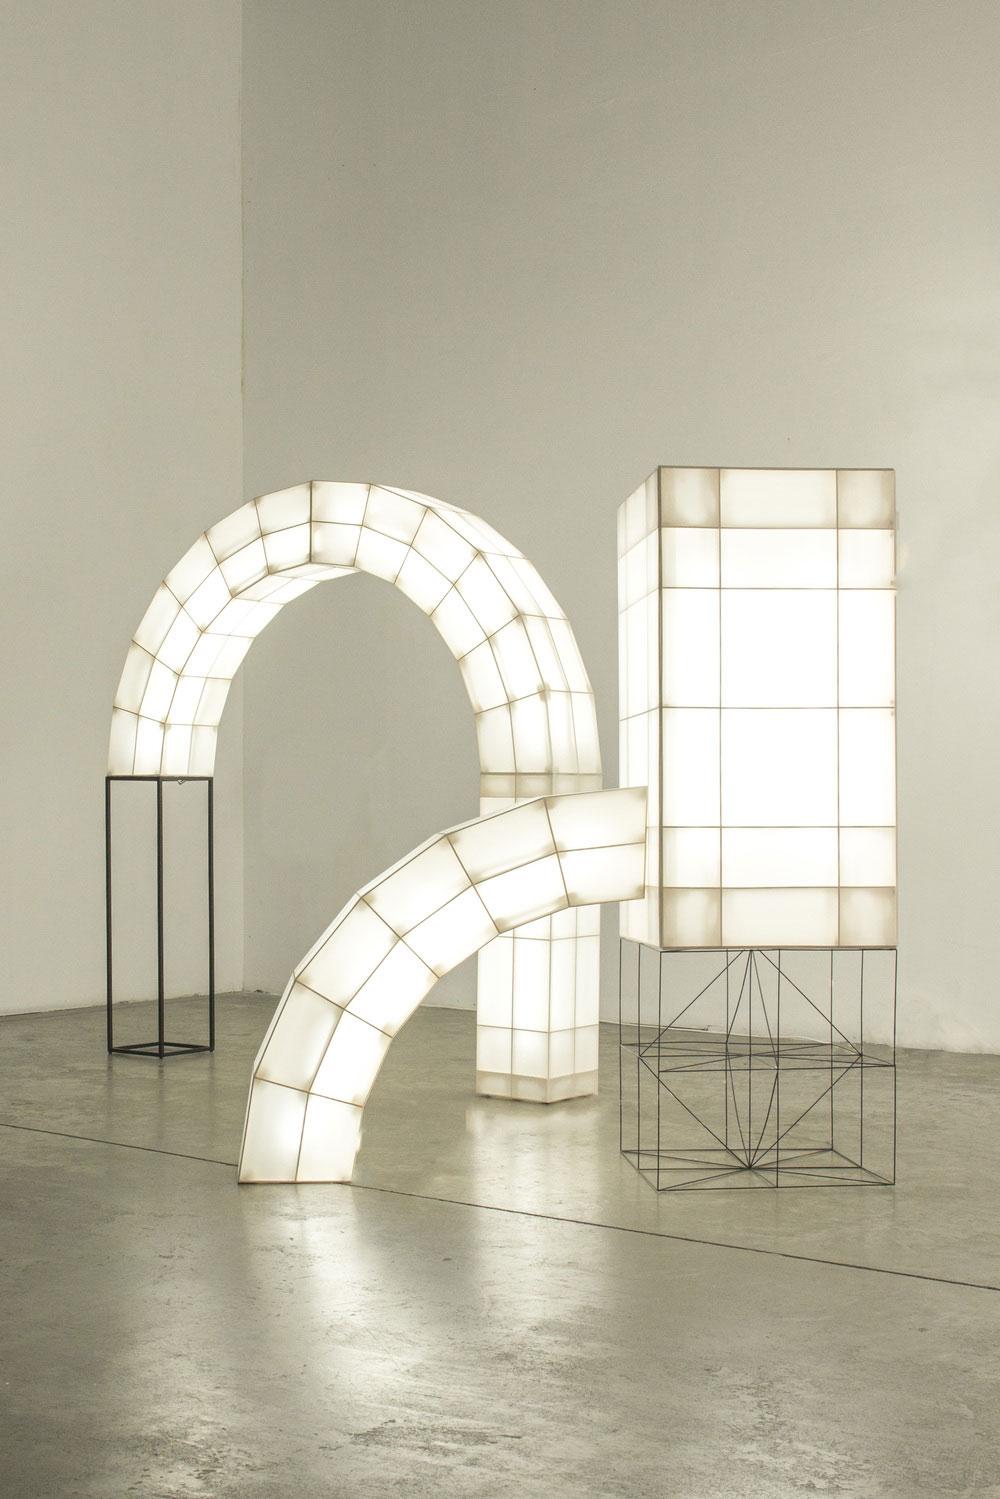 Space Frames by Studio Mieke Meijer.